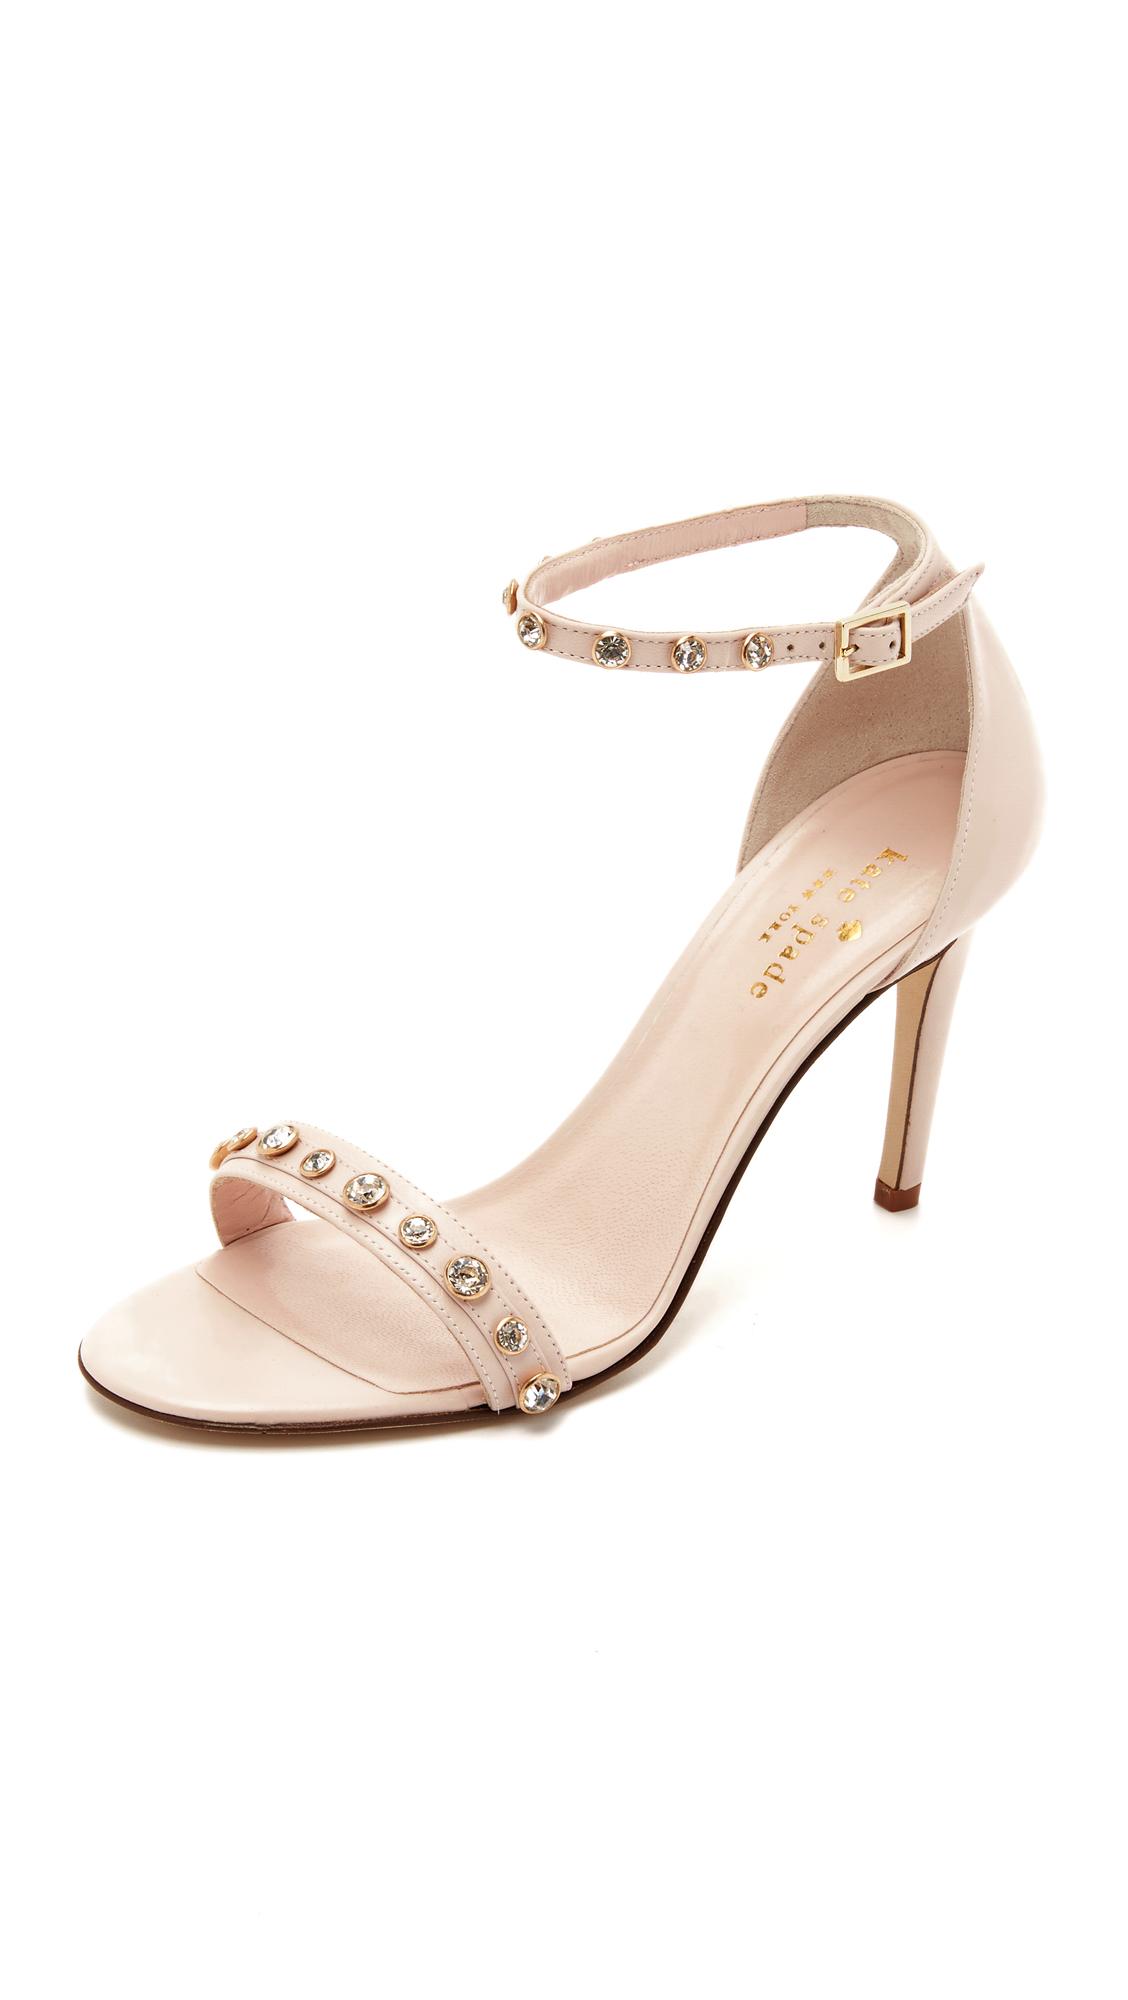 5bde936af9c2 Lyst - Kate Spade Ivy Sandals in Pink